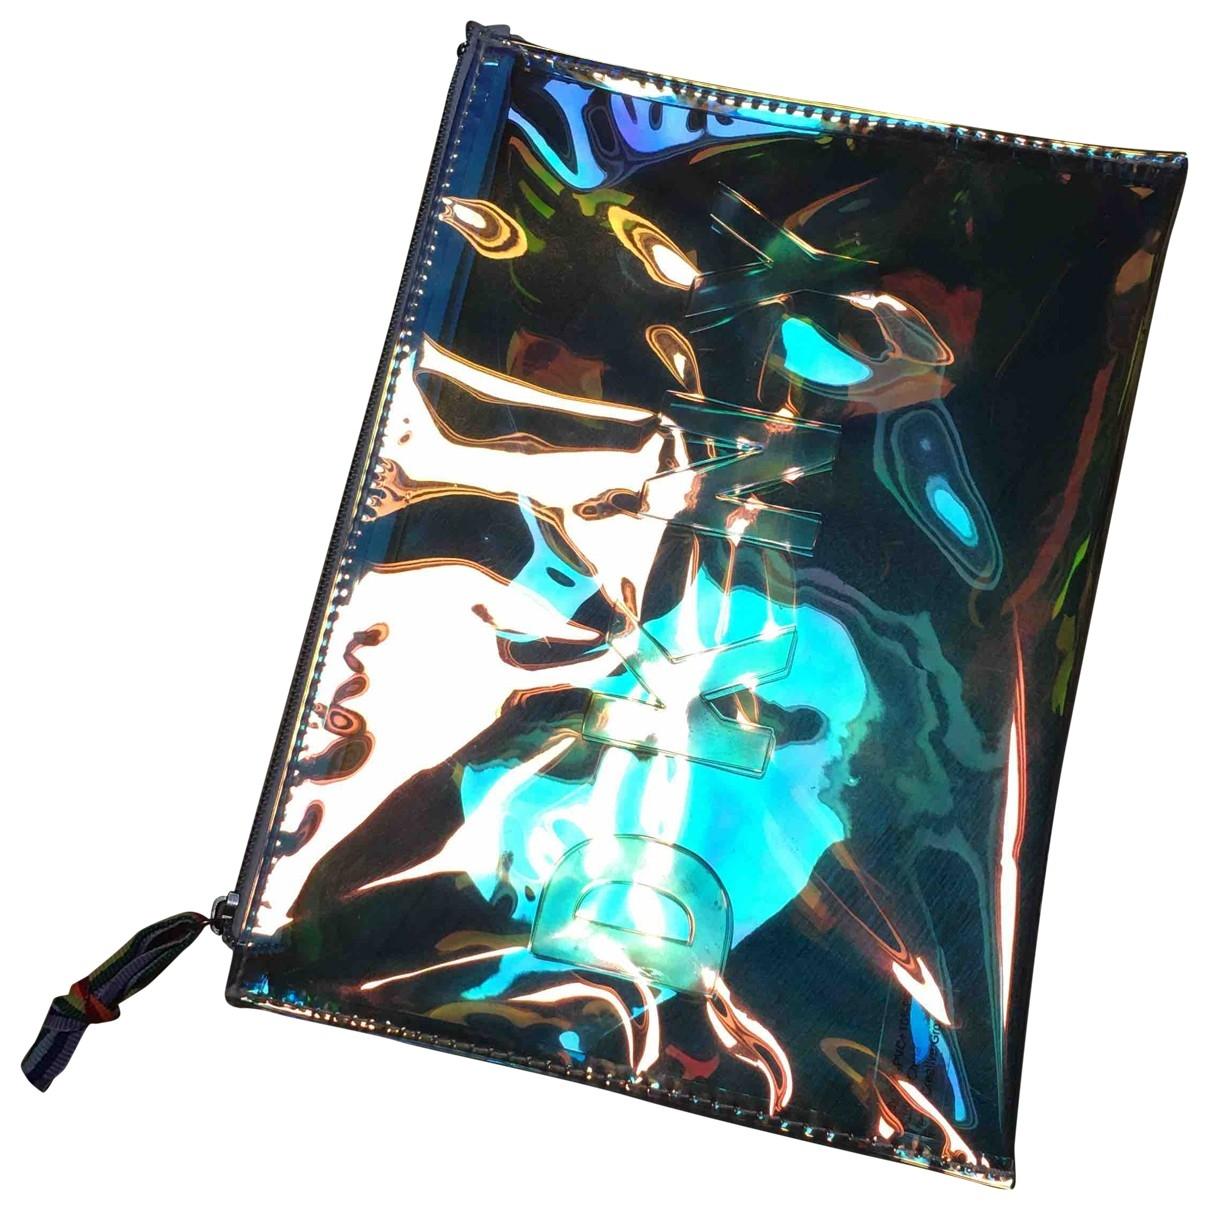 Dkny \N Metallic Clutch bag for Women \N